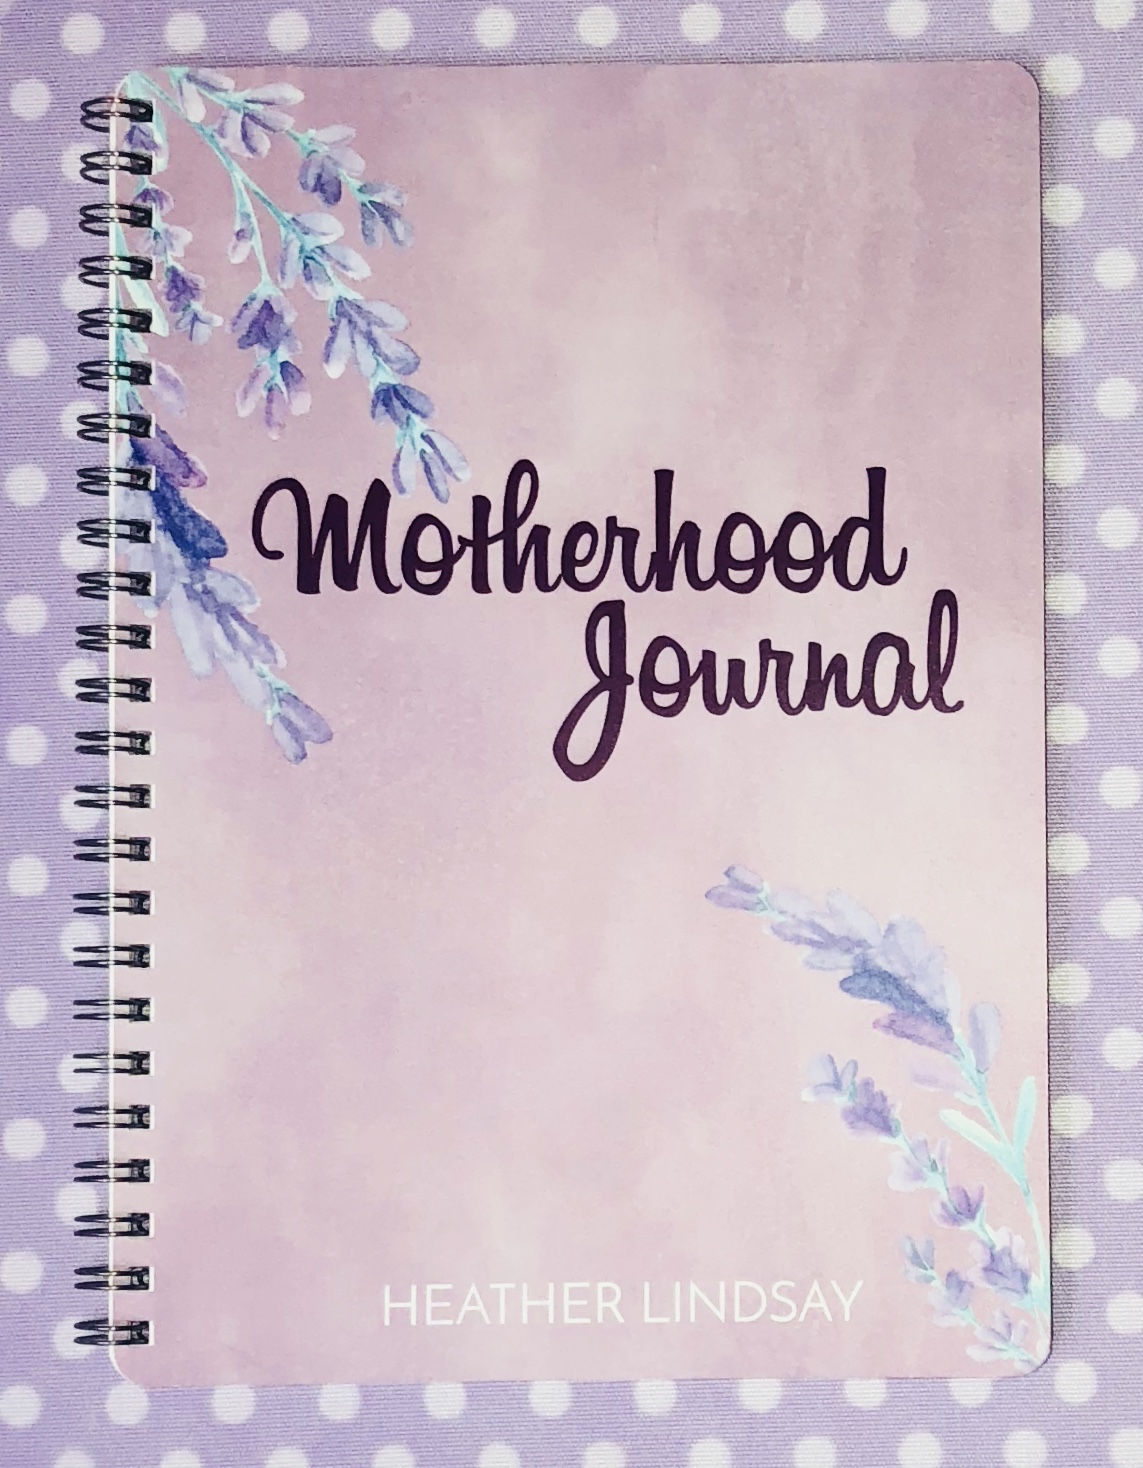 IMG 3921 - Motherhood Journal